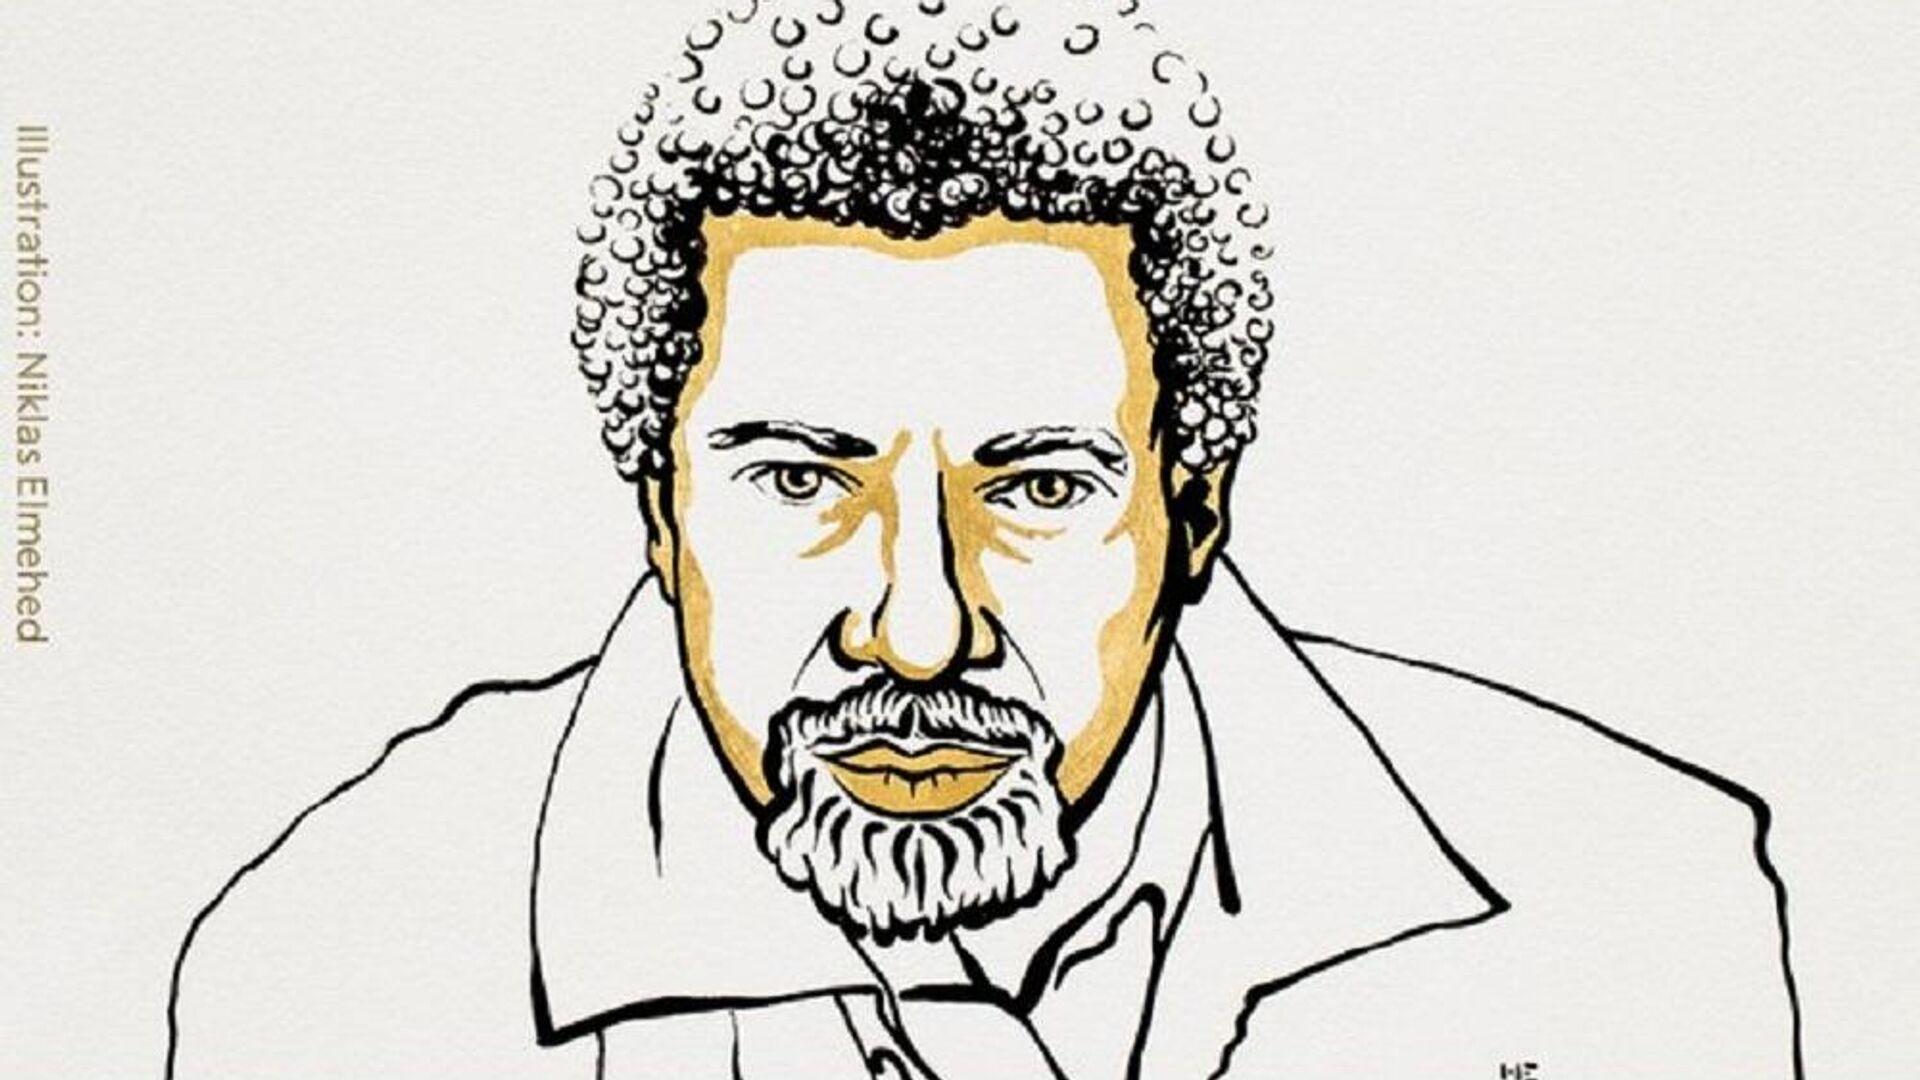 Ο νοβελίστας Abdulrazak Gurnah που κατέκτησε το Νόμπελ Λογοτεχνίας 2021 - Sputnik Ελλάδα, 1920, 07.10.2021